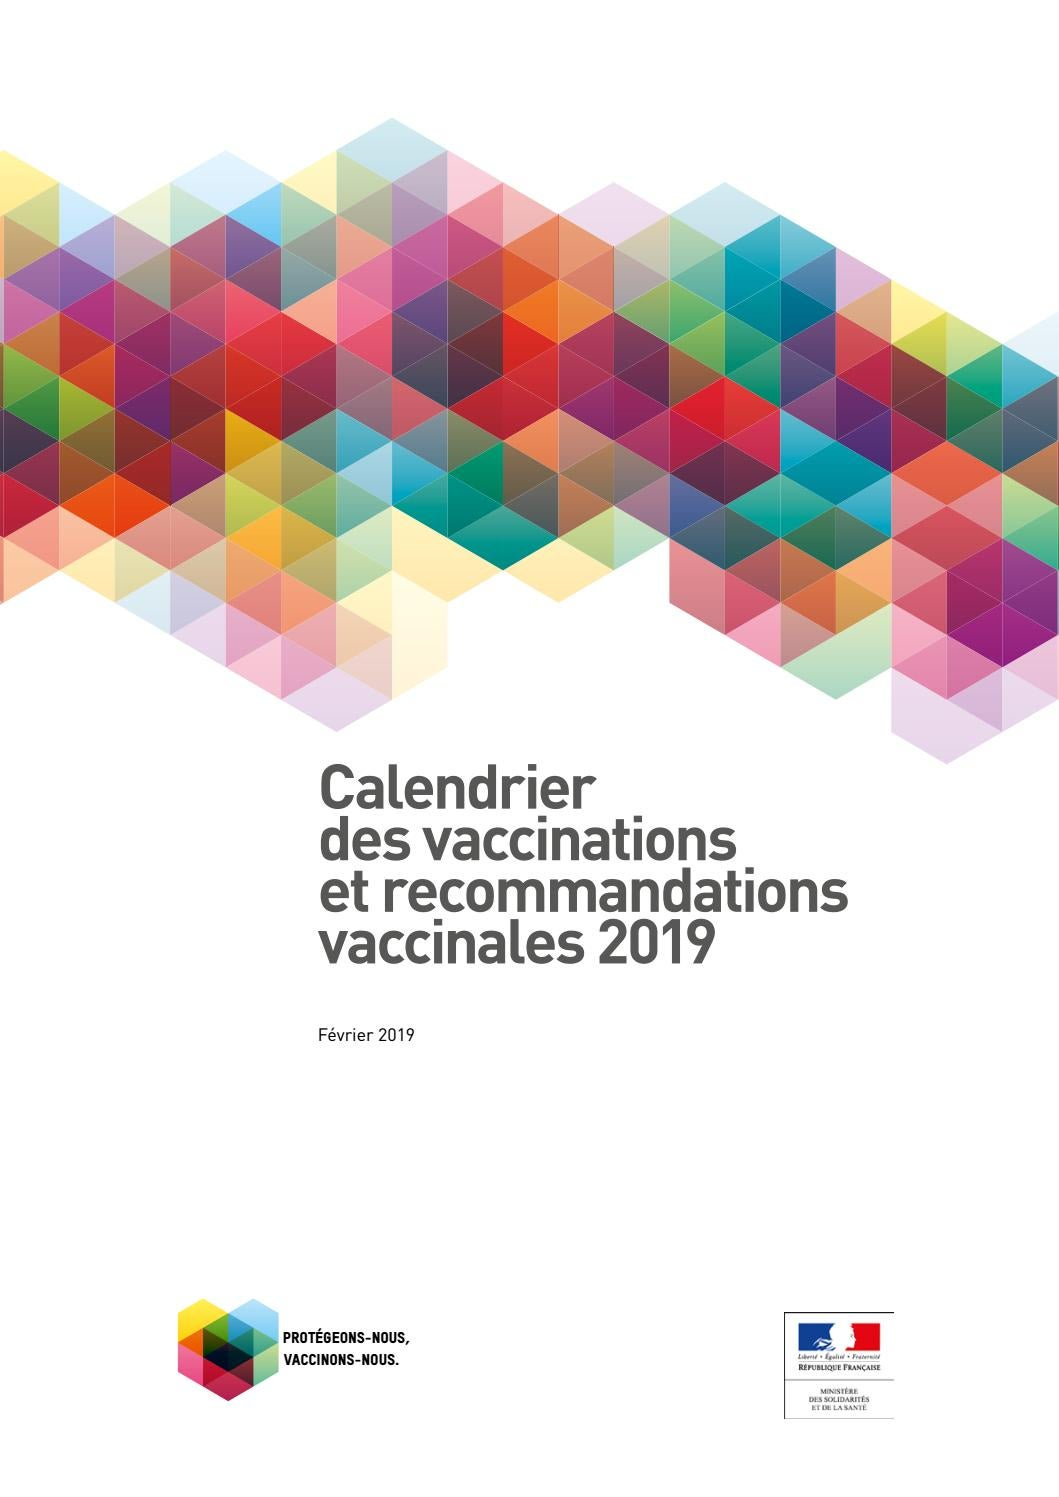 Calendrier Des Vaccinations Et Recommandations Vaccinales 2019.Calendrier Des Vaccinations Et Recommandations Vaccinales